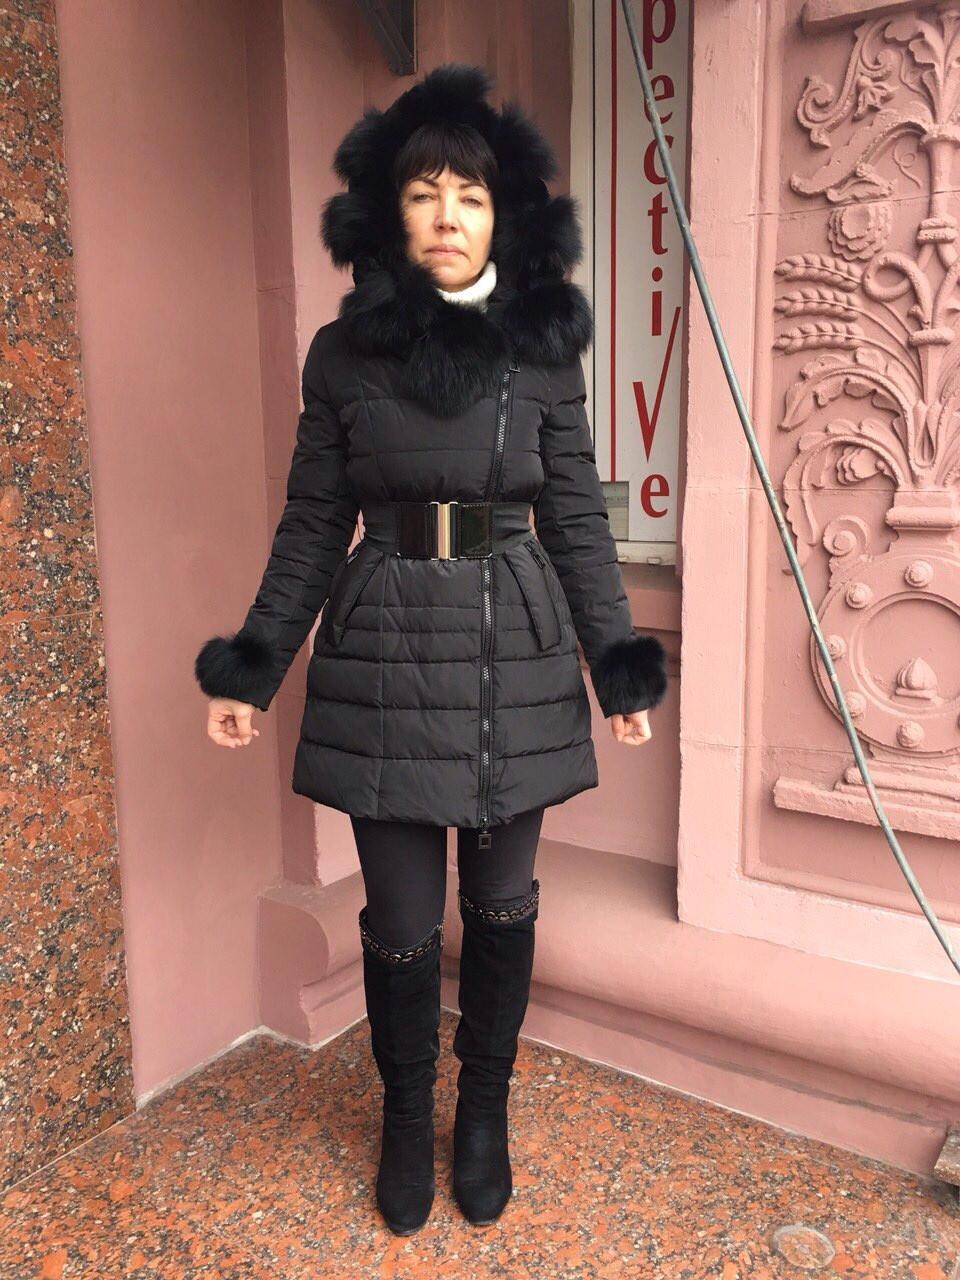 Пуховик пальто женский Effect зимний на молнии с натуральными мехами песца на капюшоне и рукавах молодежный